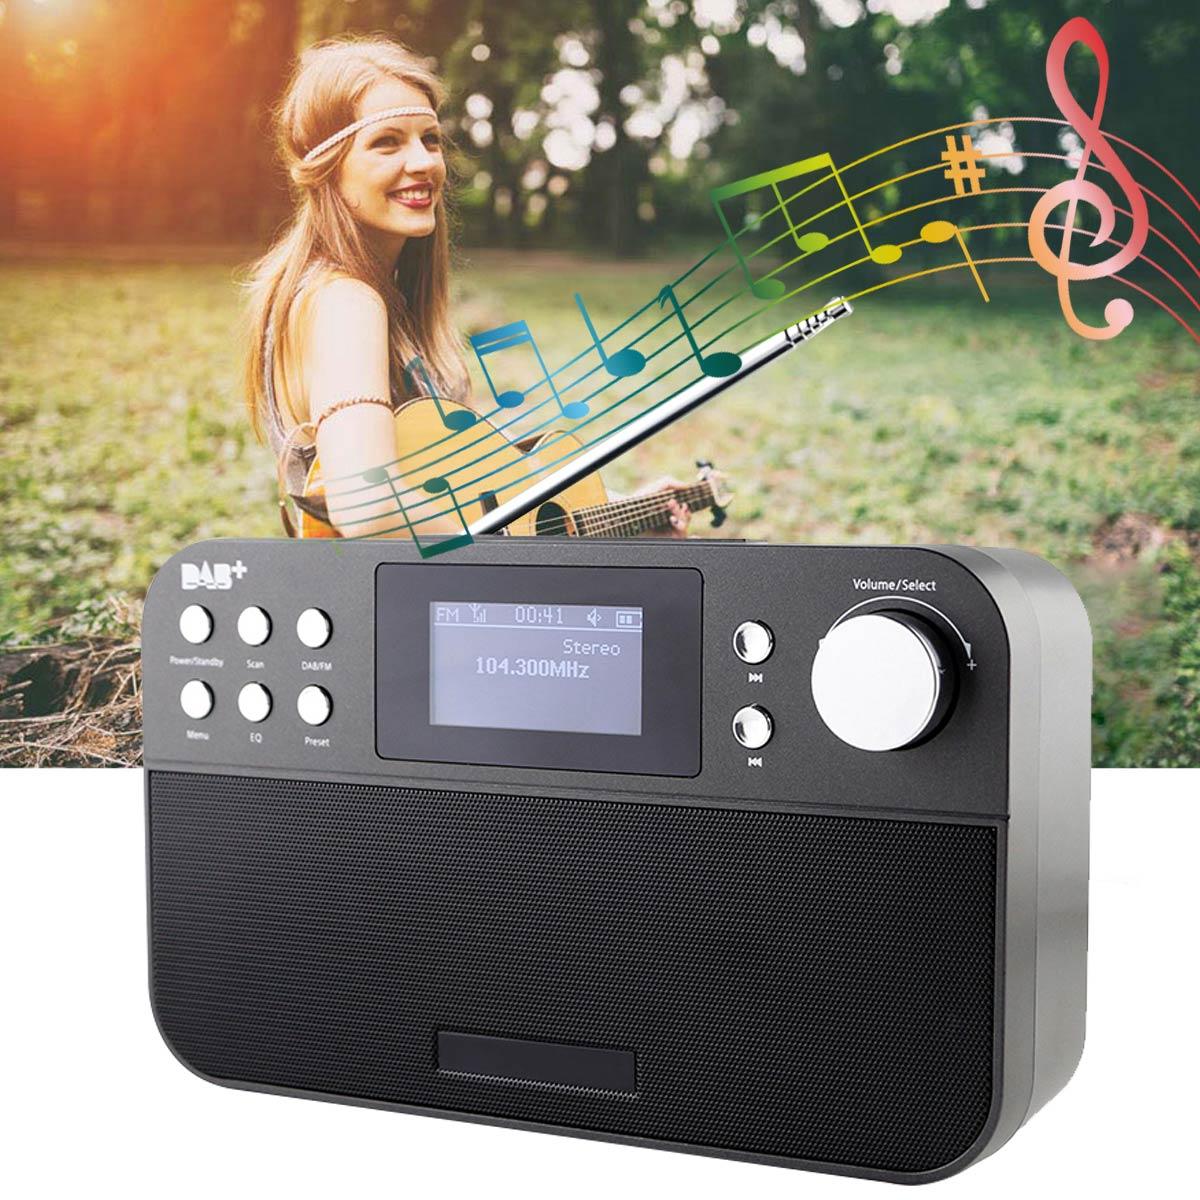 Portable 2.4 pouce Numérique Radio Musique Haut-Parleur de Soutien FM + DAB Radio Avec LCD Numérique Horloge Snooze Fonction D'alarme Maison décor